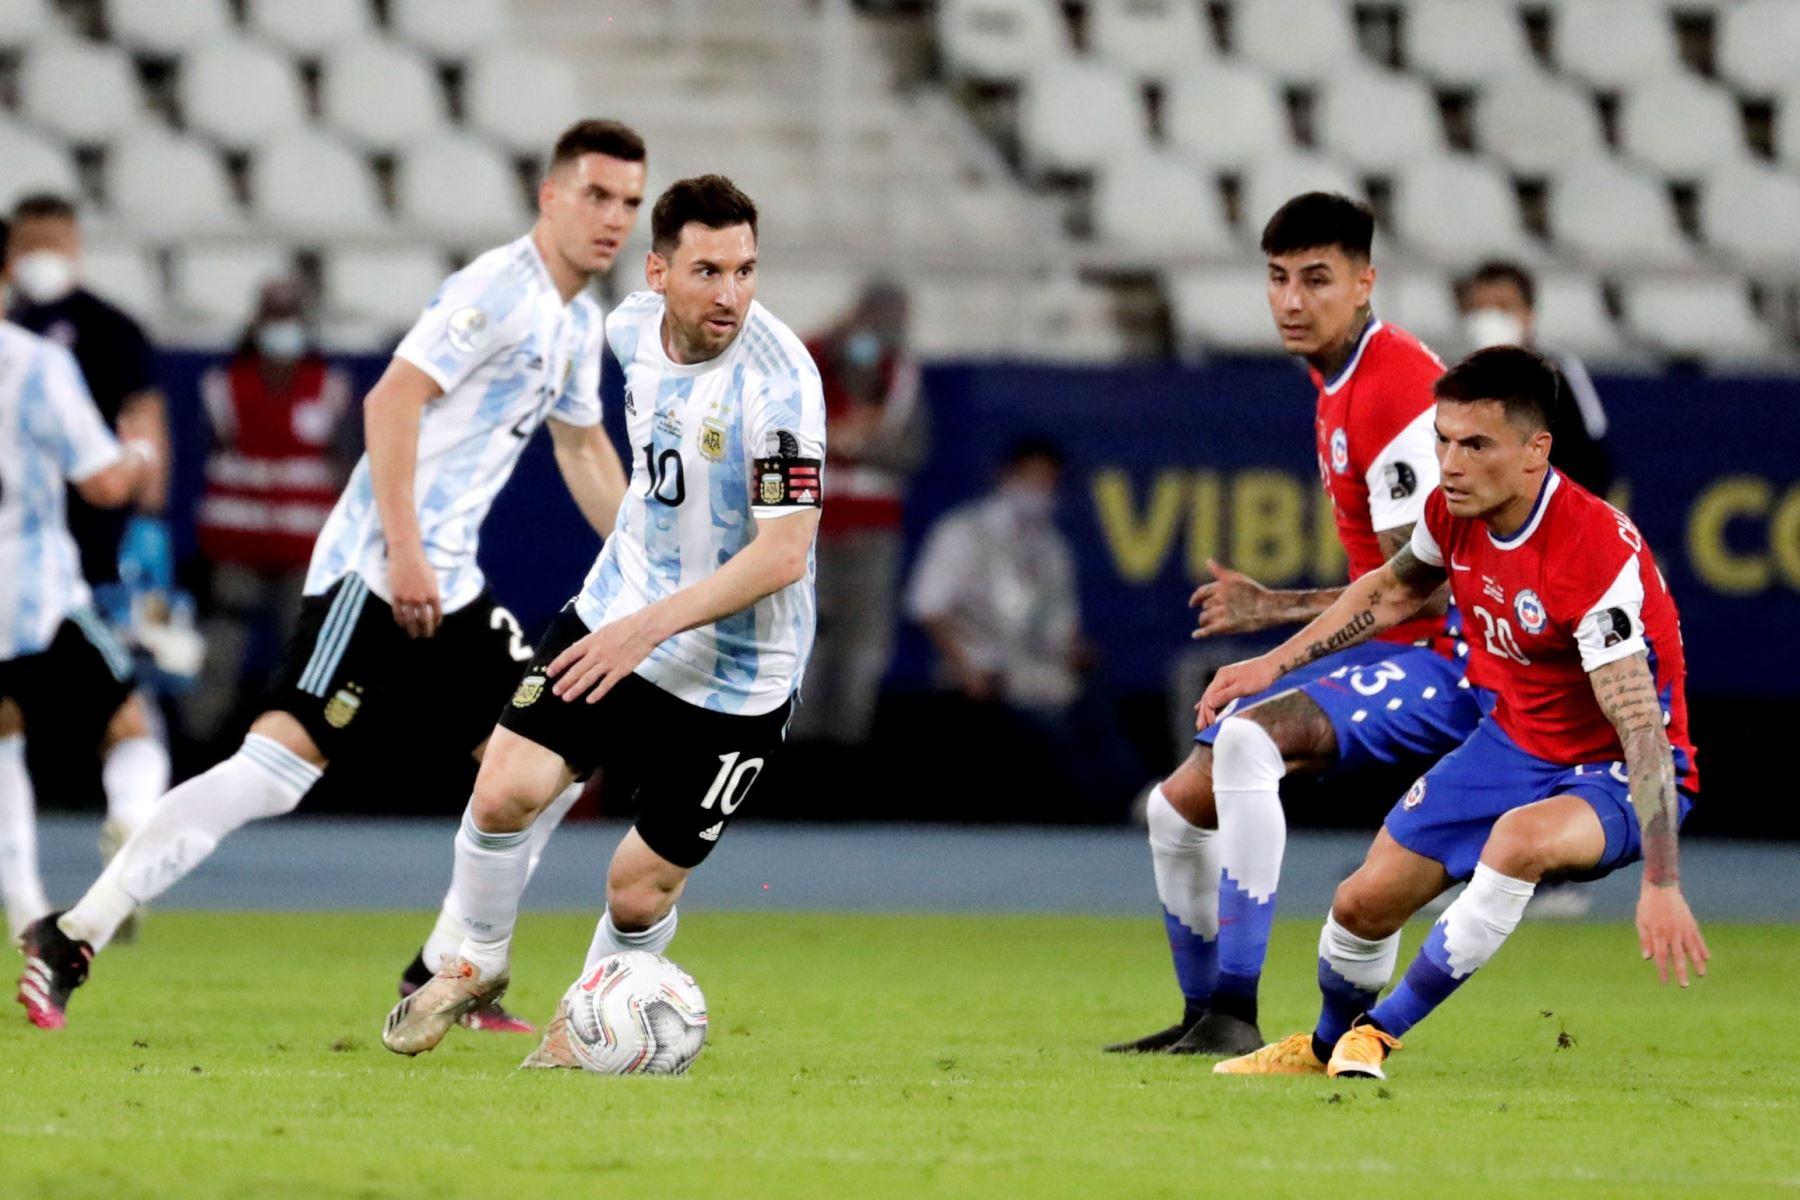 El jugador Lionel Messi de Argentina toma hoy el balón ante la marca de Charles Aránguiz de Chile, durante un partido de la Copa América en el estadio Olímpico Nilton Santos, en Río de Janeiro (Brasil).  Foto: EFE